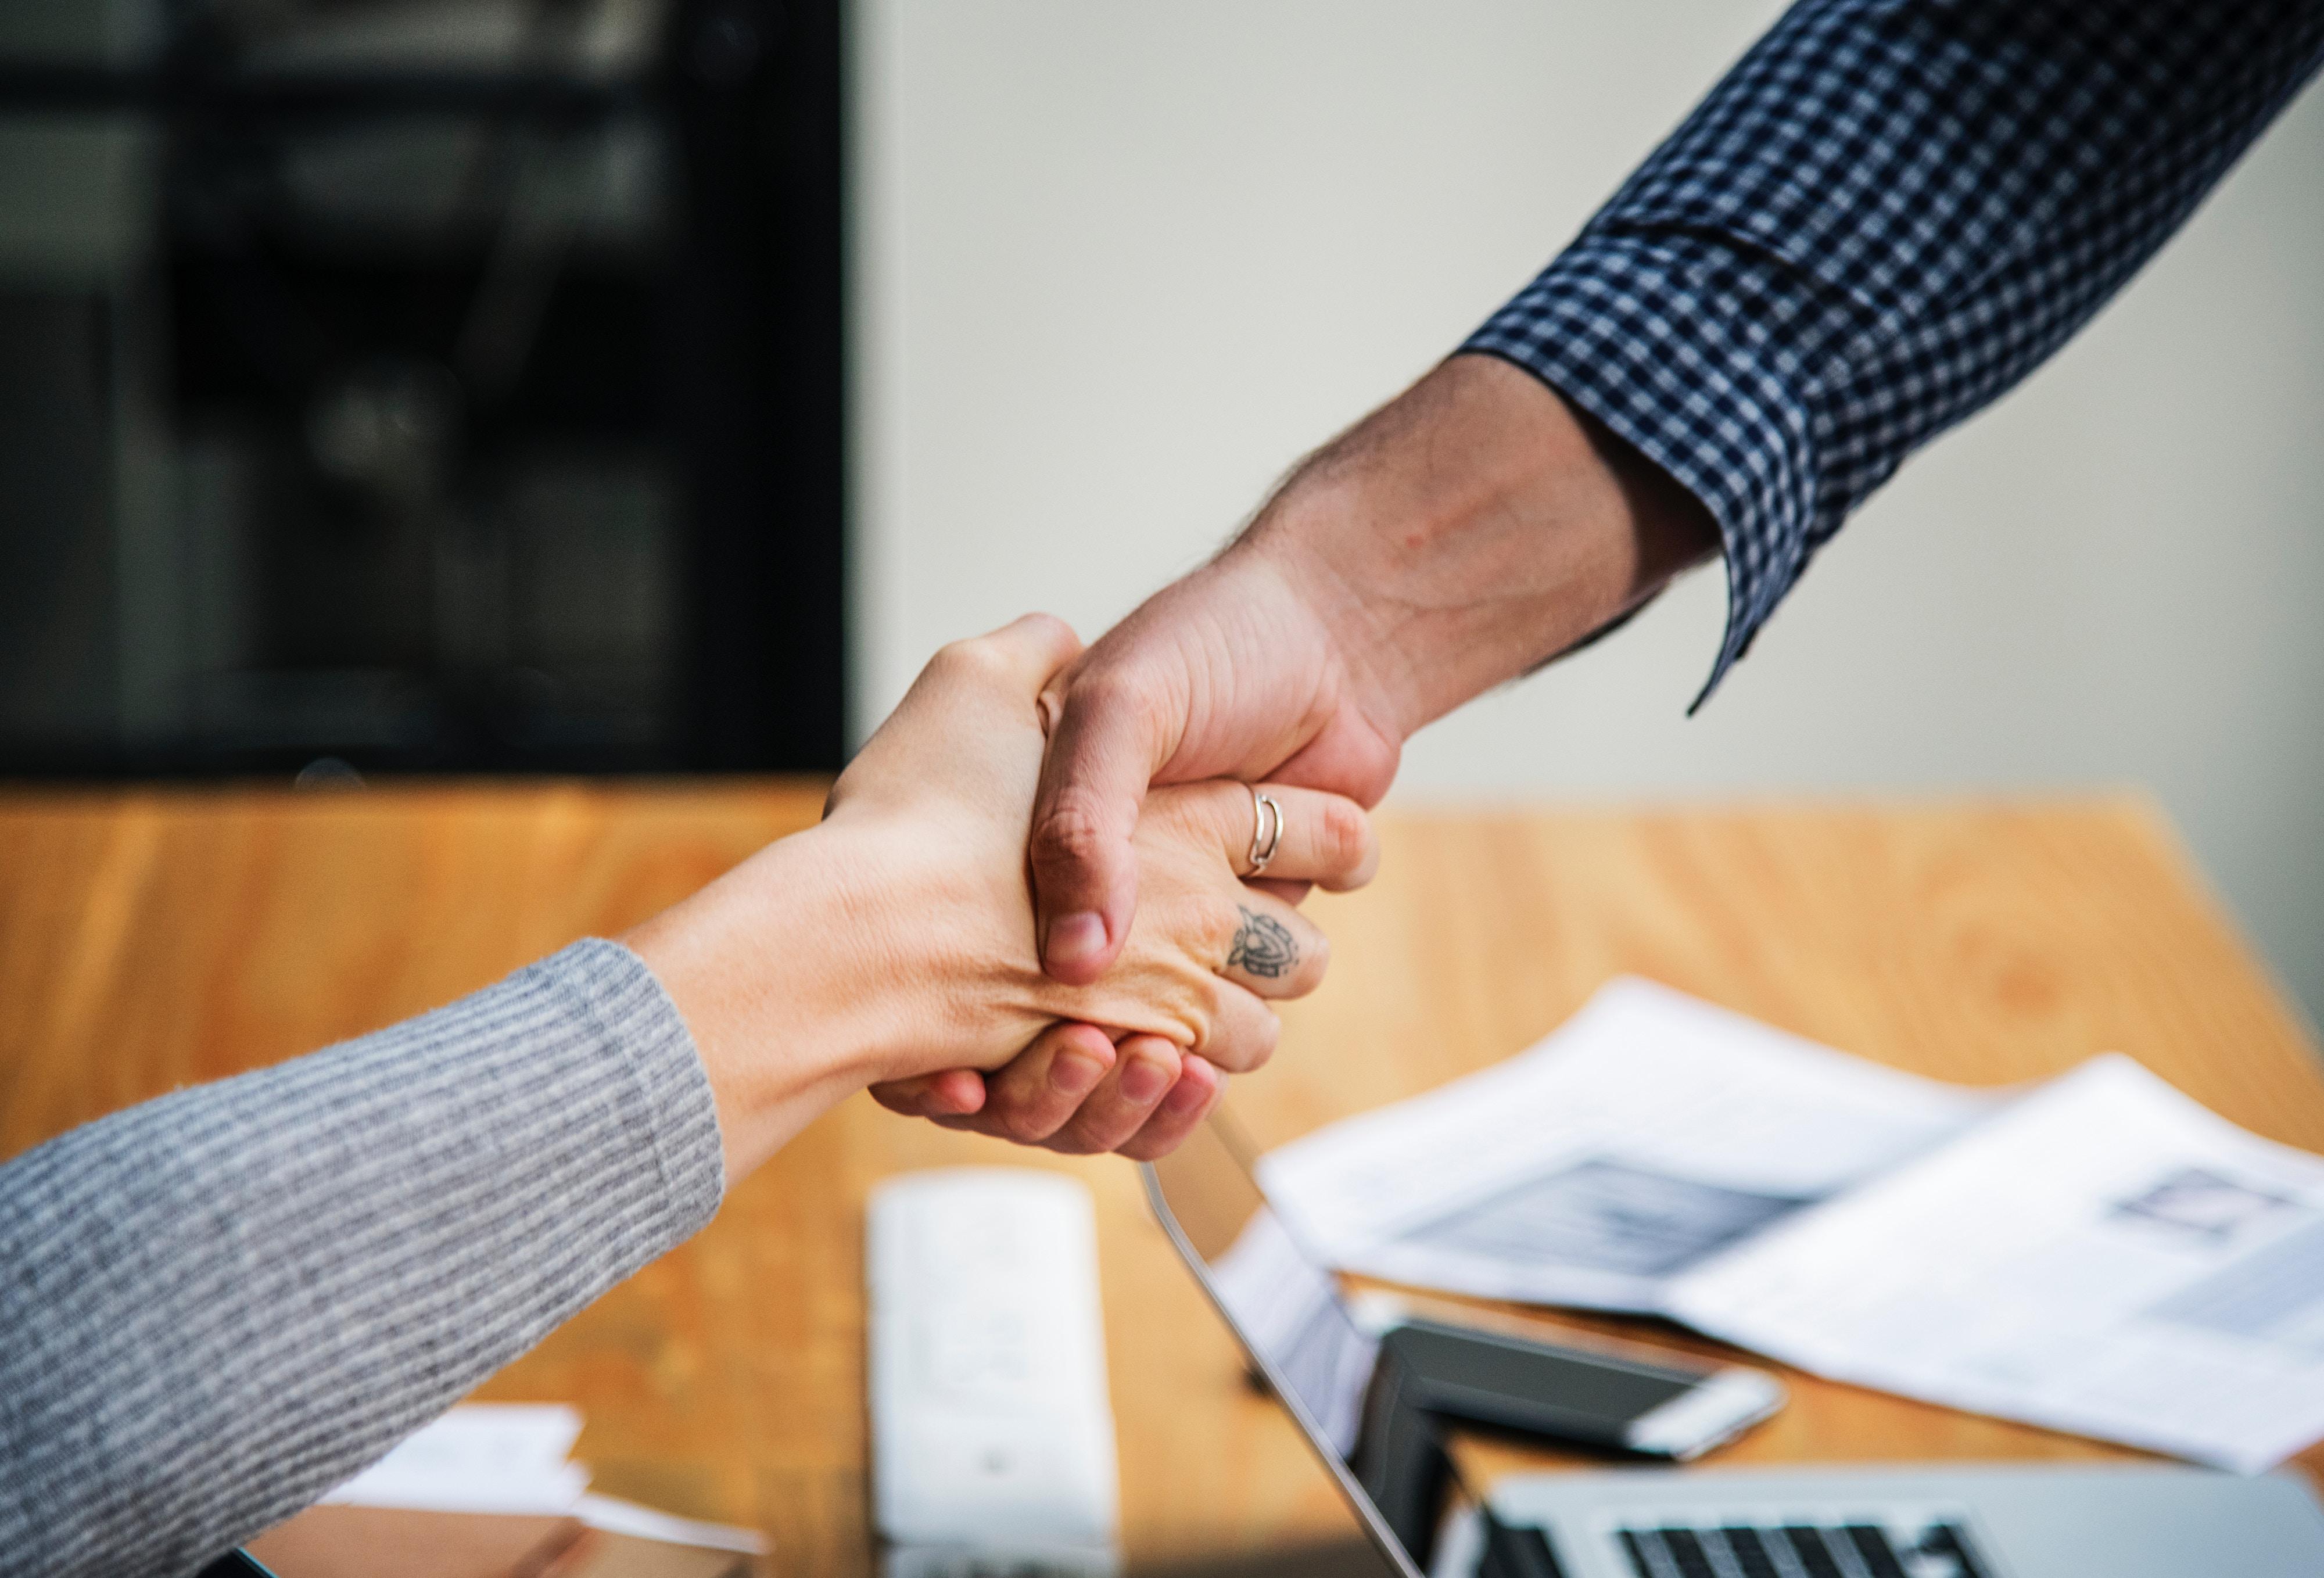 3 conseils pour faire bonne impression lors d'un rendez-vous professionnel